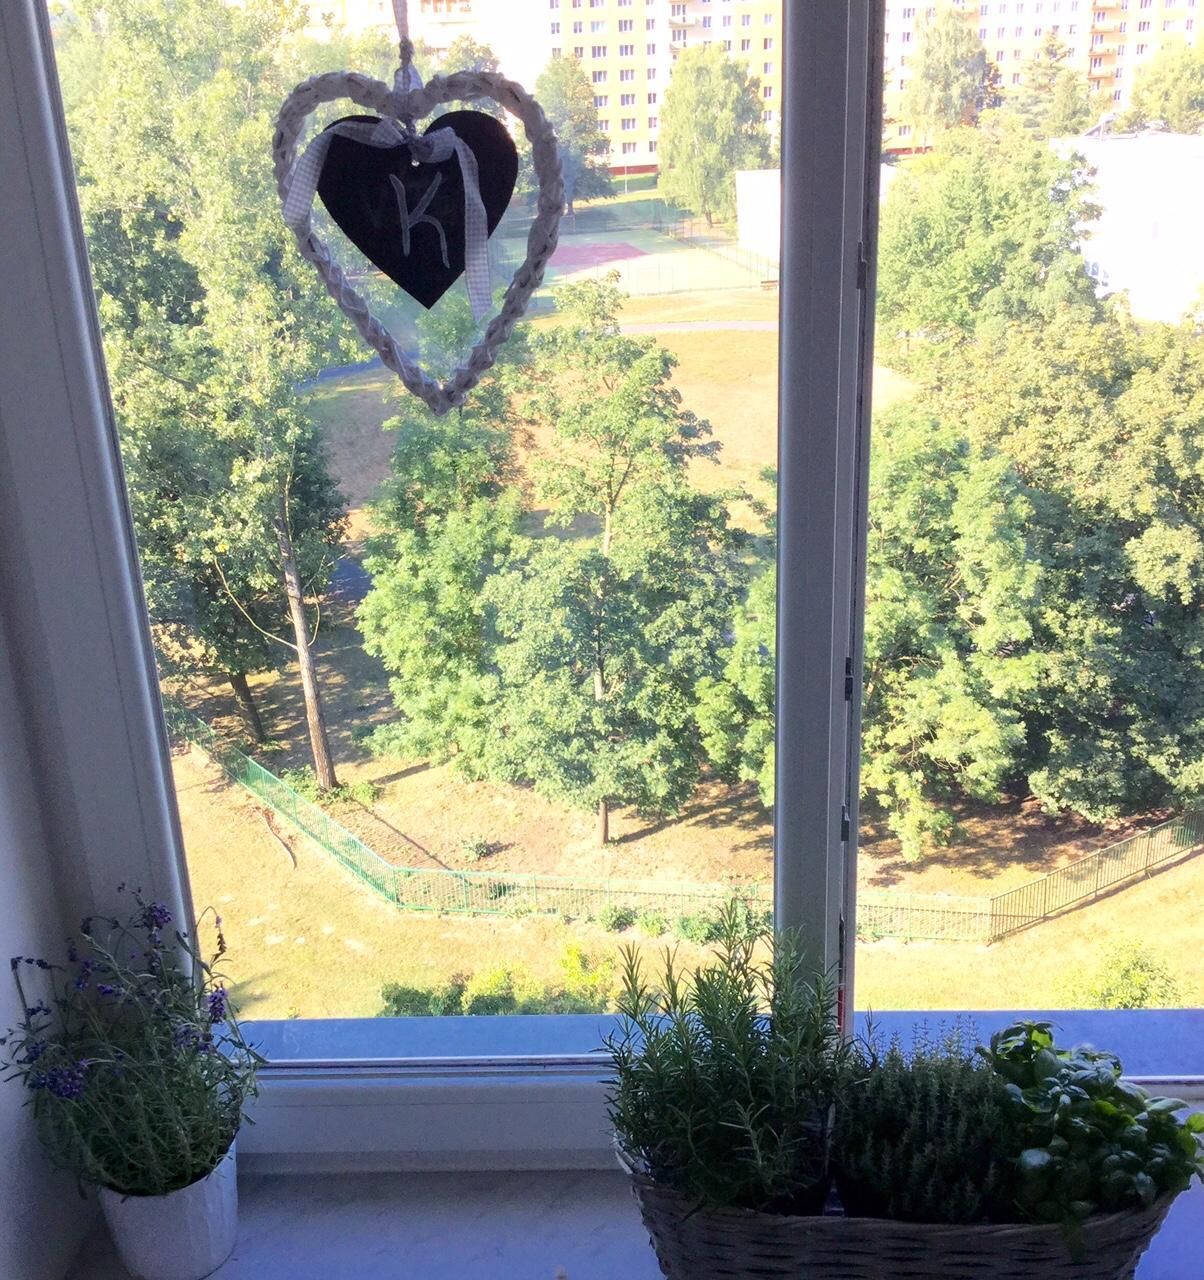 My lovely home 2+kk - Obrázek č. 68